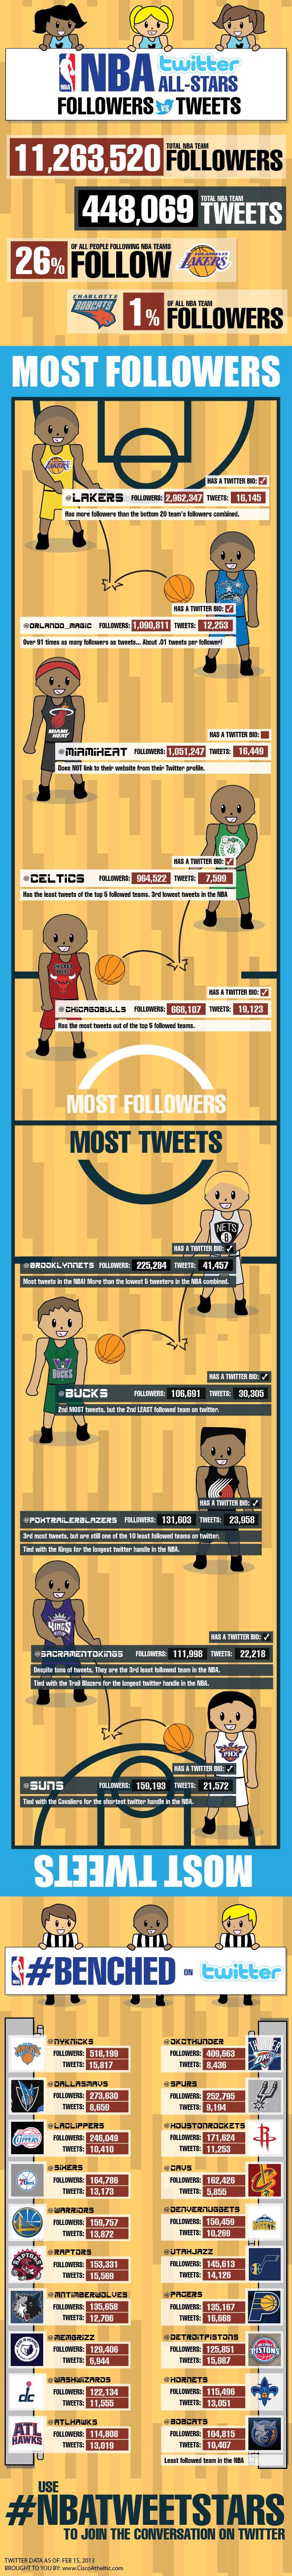 NBA Twitter all stars